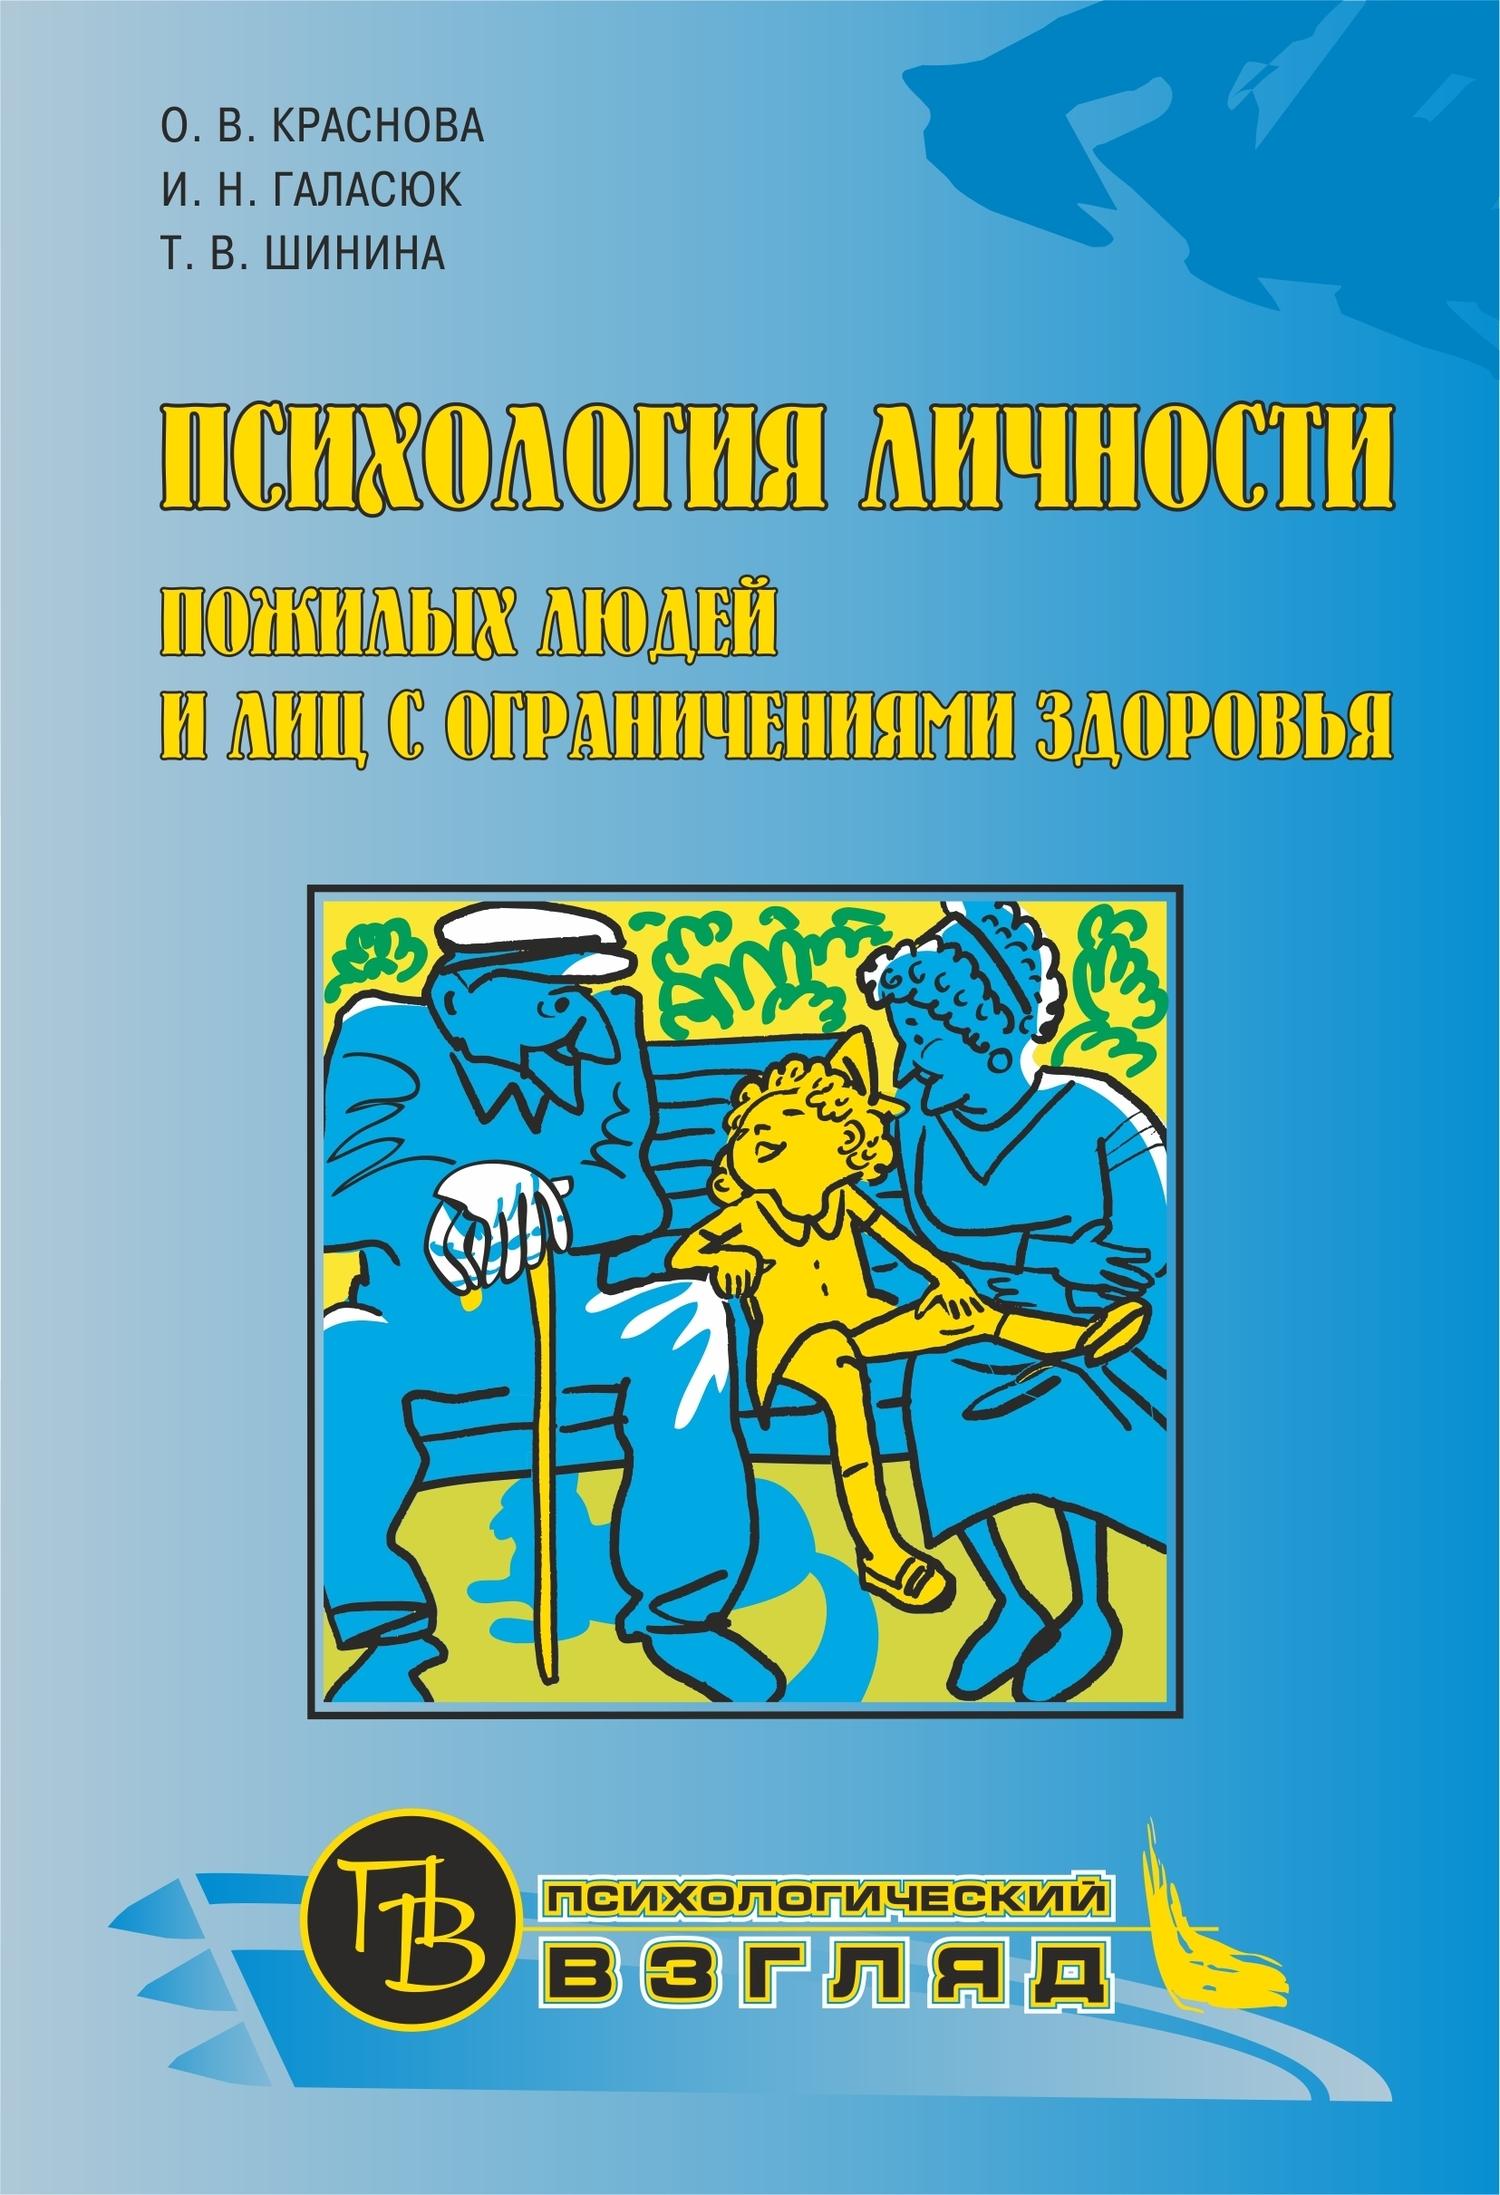 О. В. Краснова Психология личности пожилых людей и лиц с ограничениями здоровья